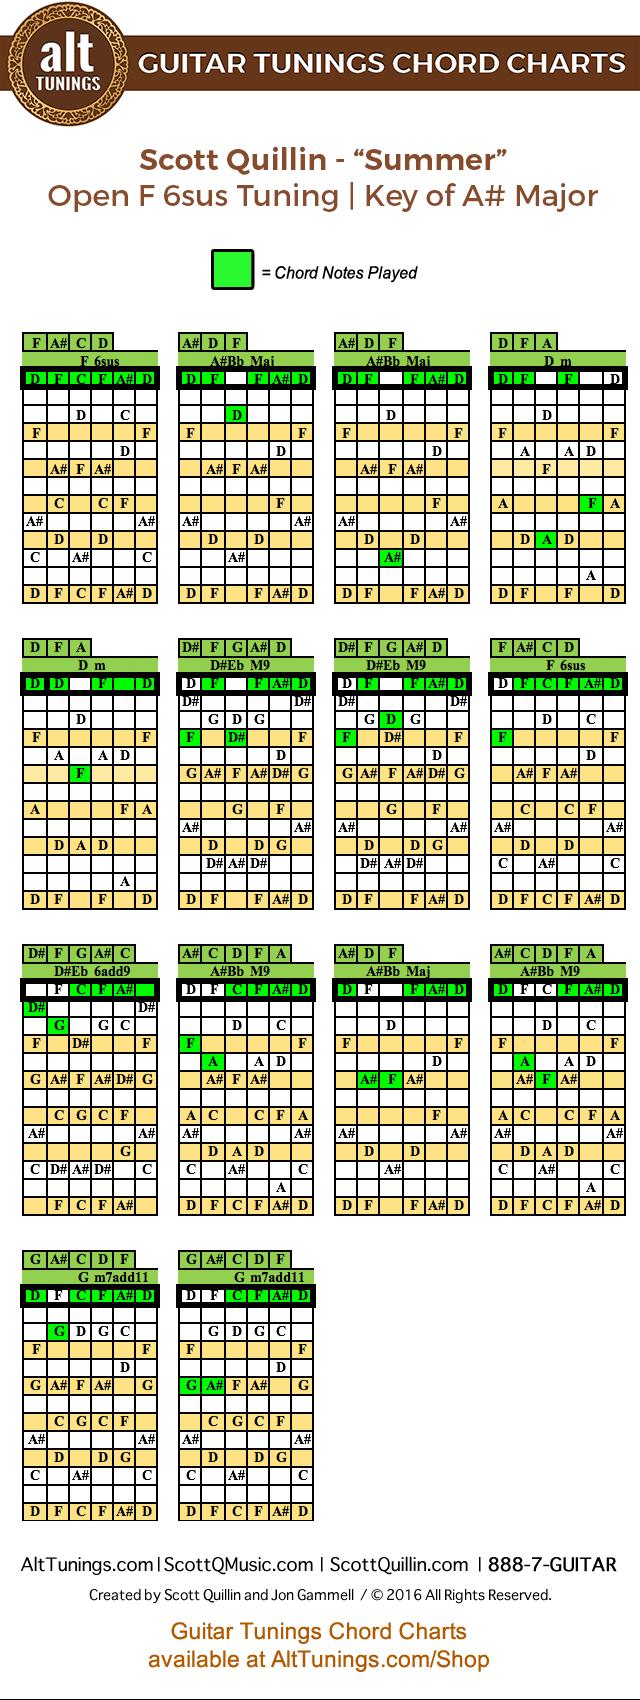 Guitar Tunings Chord Charts